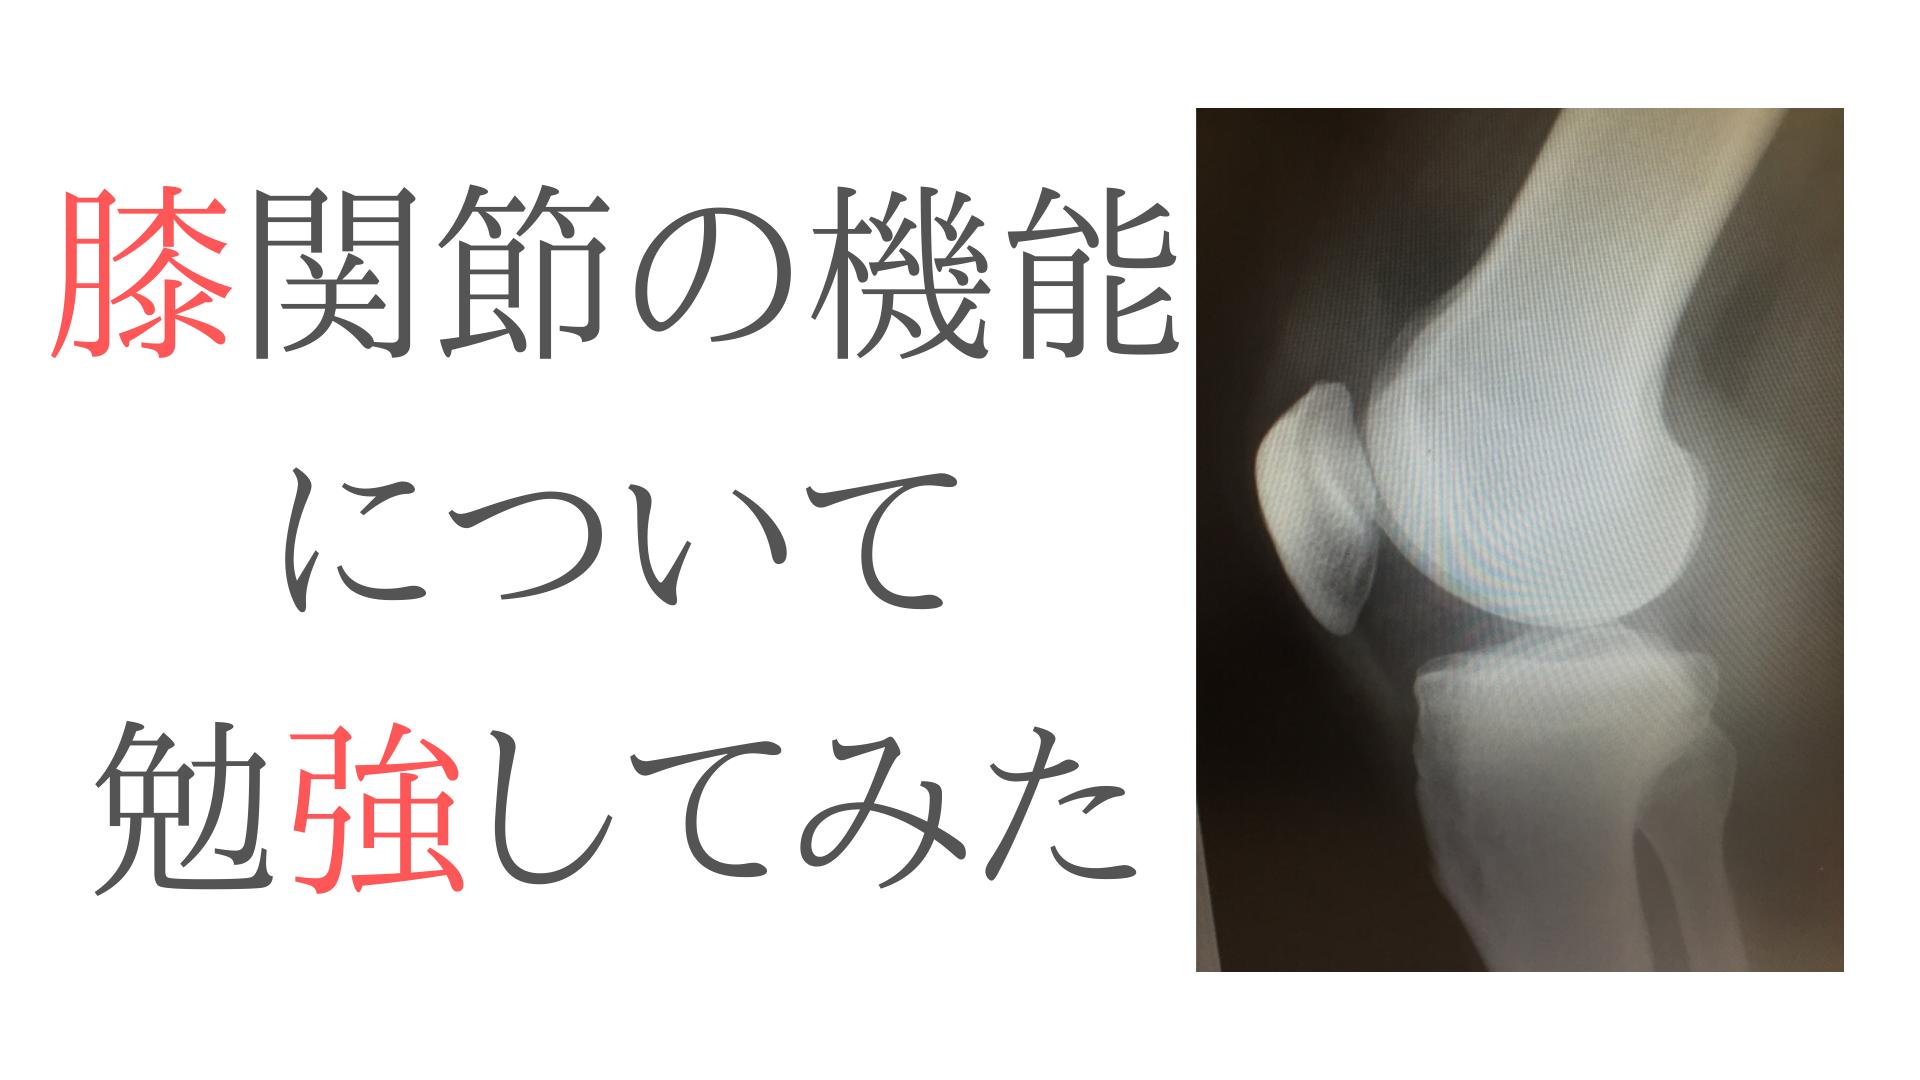 膝膝関節の機能と解剖について勉強してみた